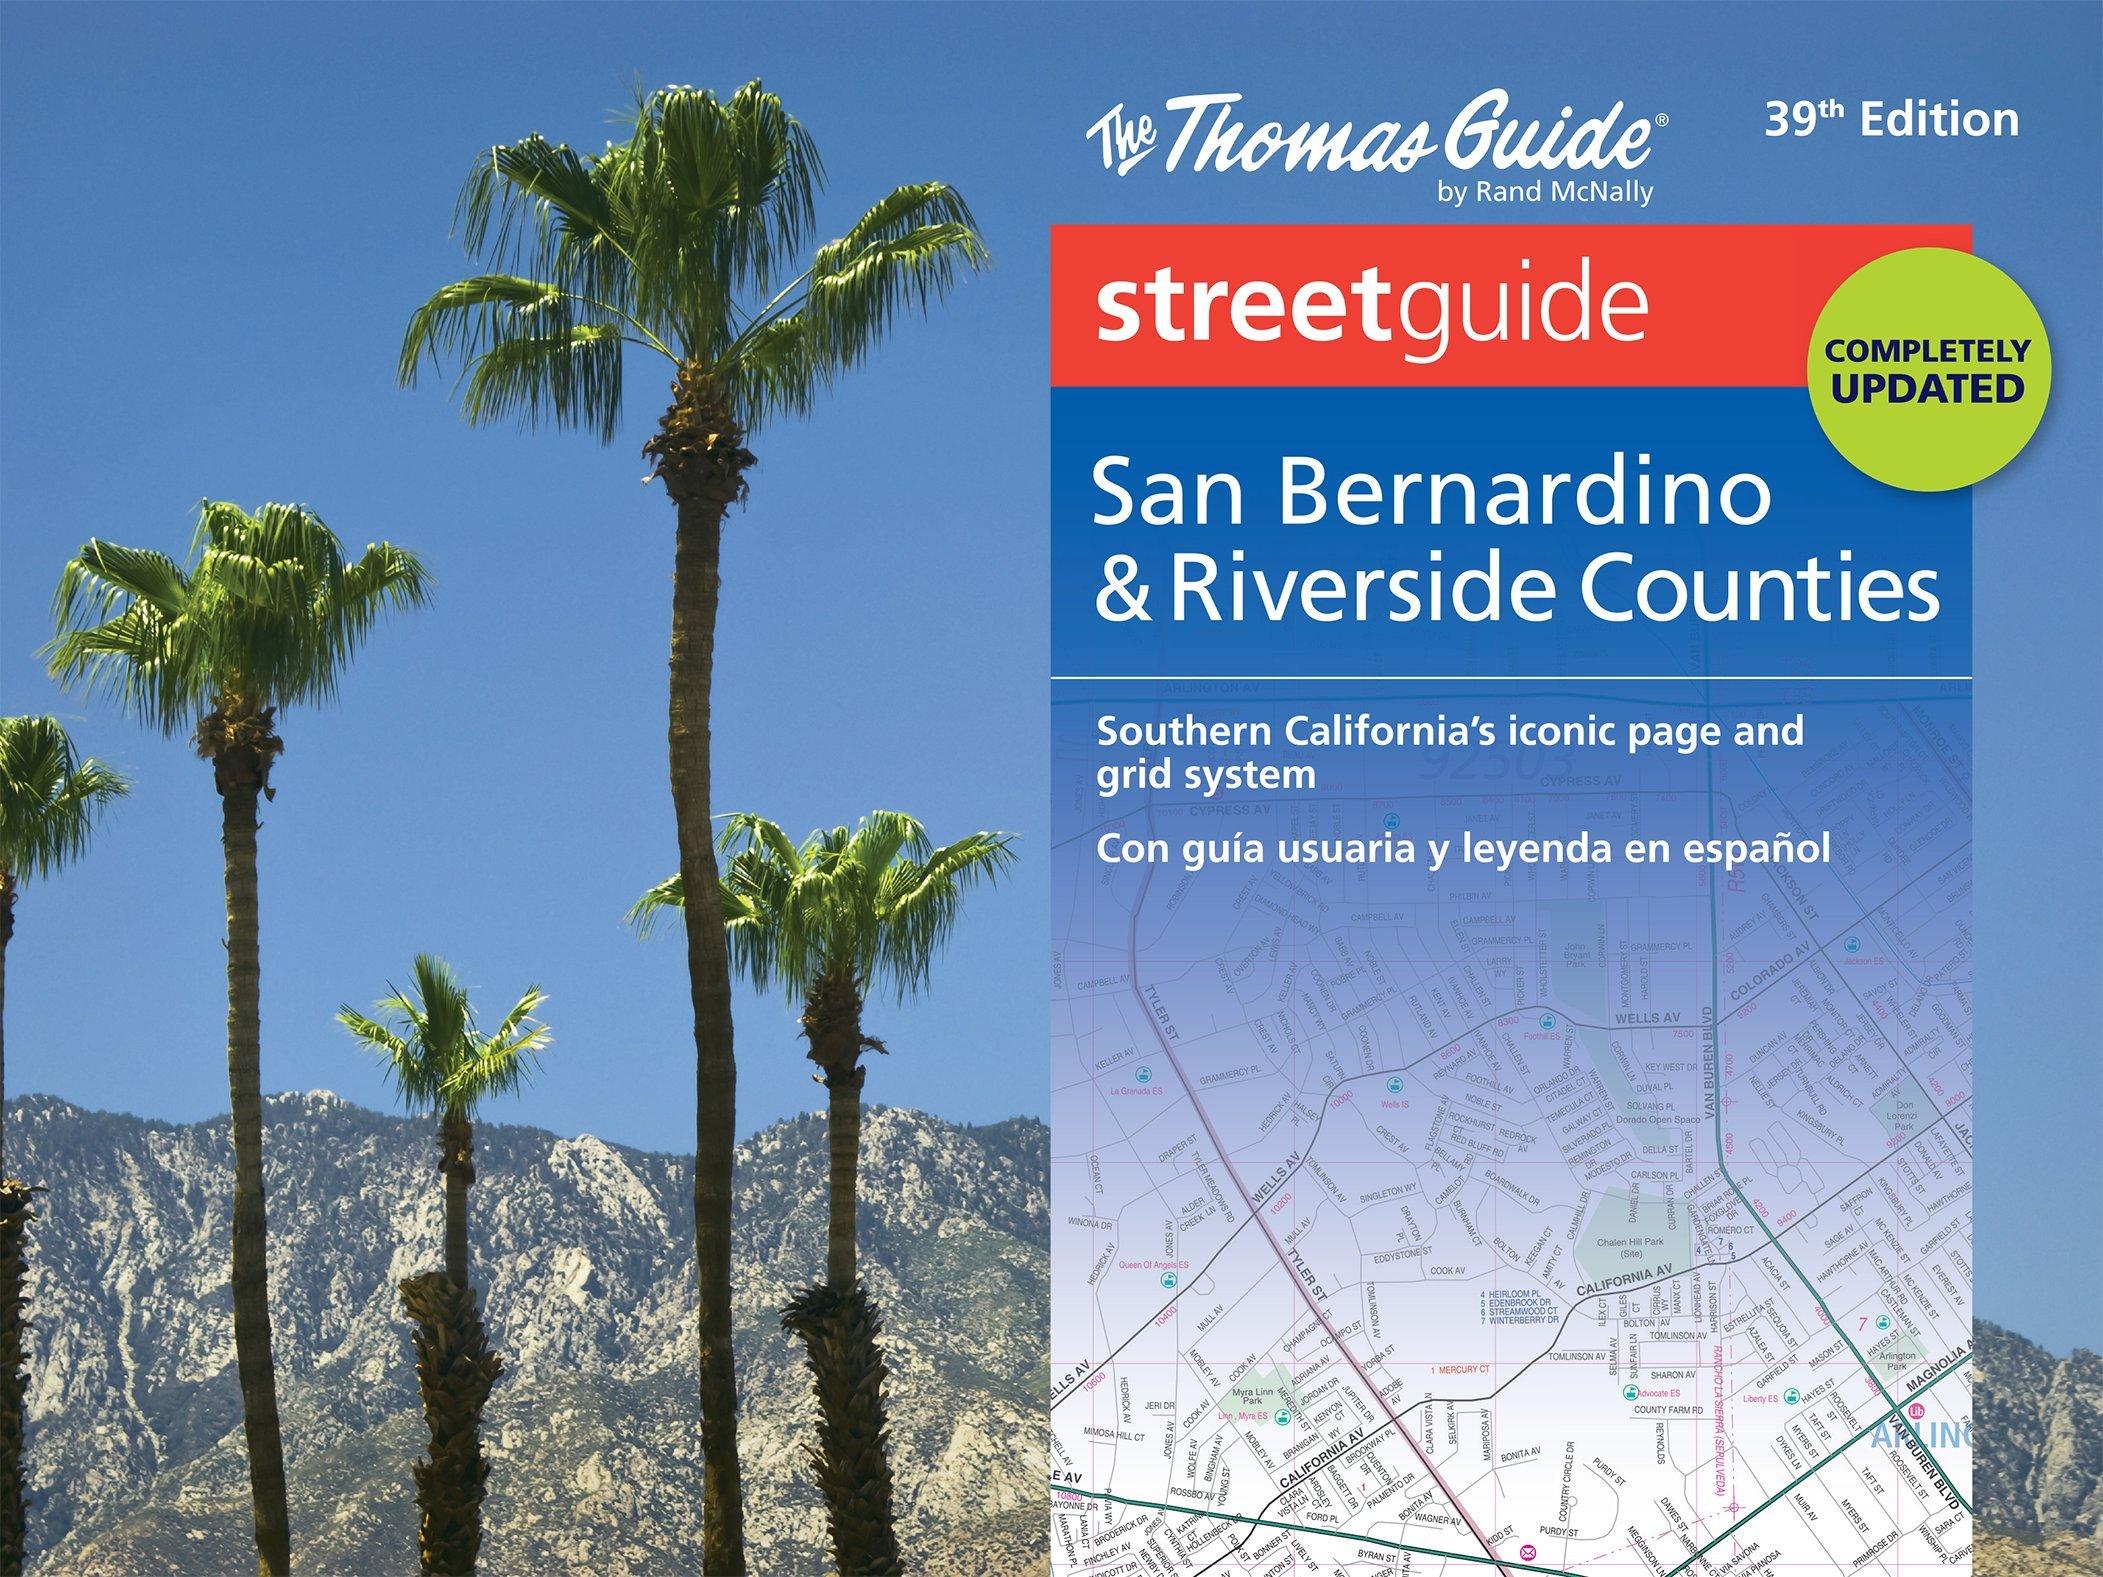 Thomas Guide: San Bernardino & Riverside Counties Street